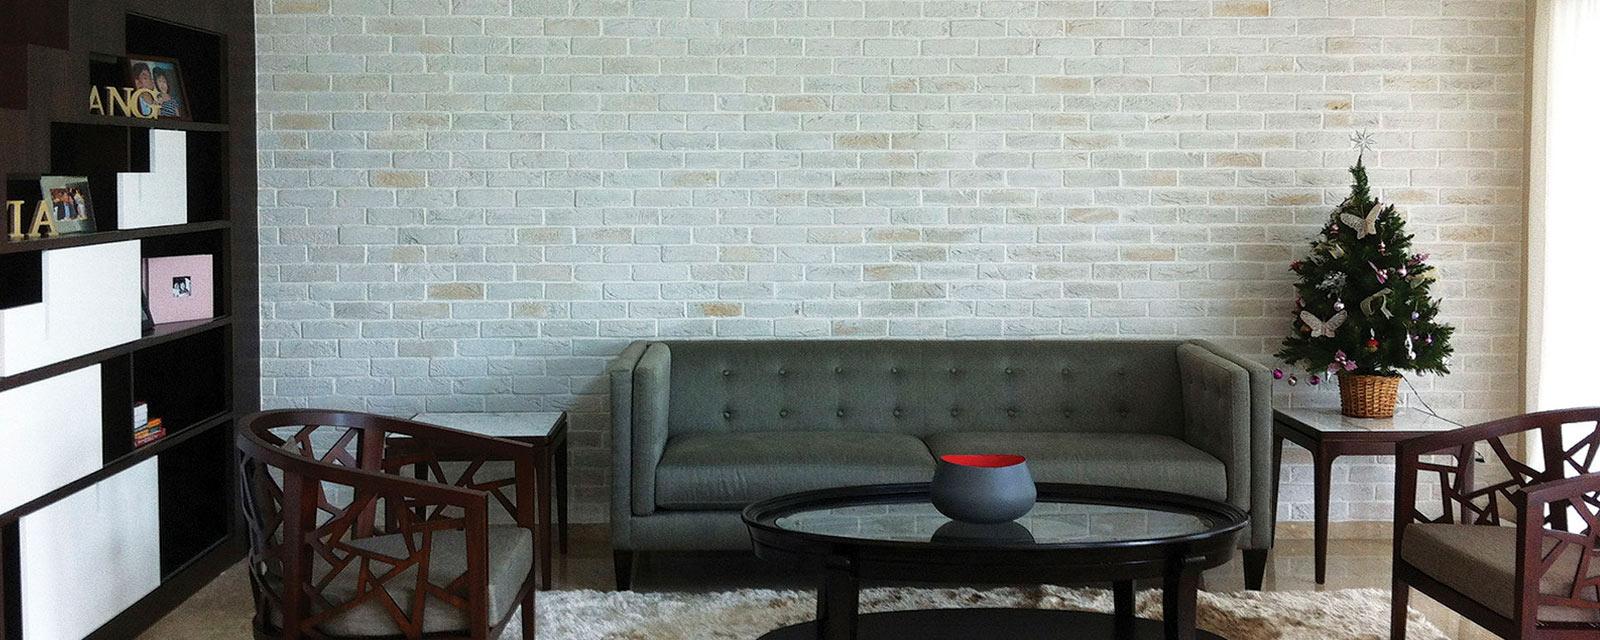 Alternative Carrelage Mural Salle De Bain les plaquettes de parement : des décorations à l'infini